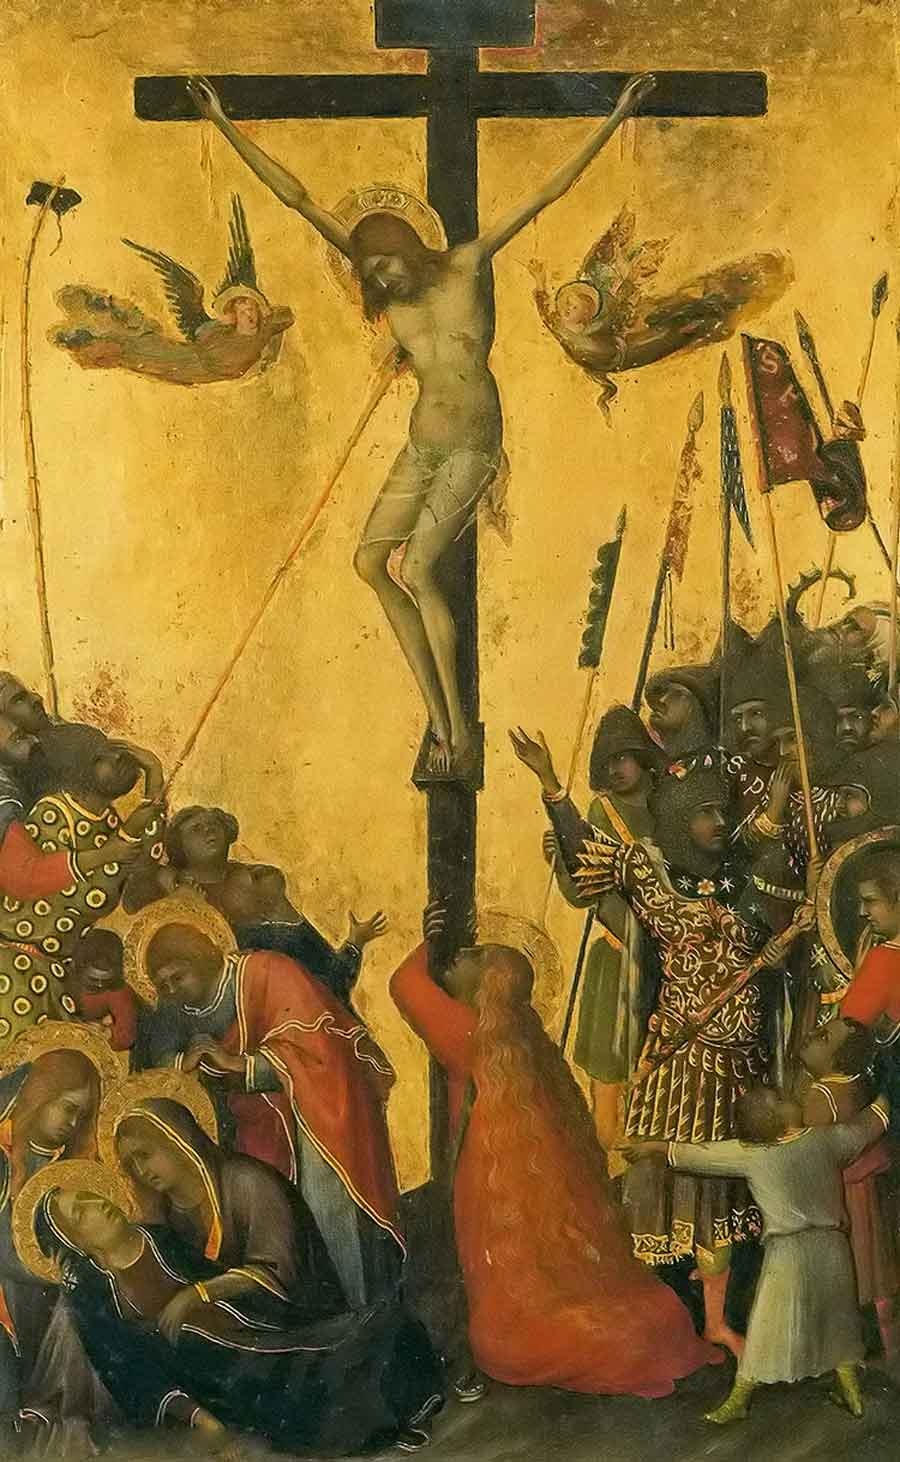 西蒙·马丁尼作品耶稣受难(三联画)